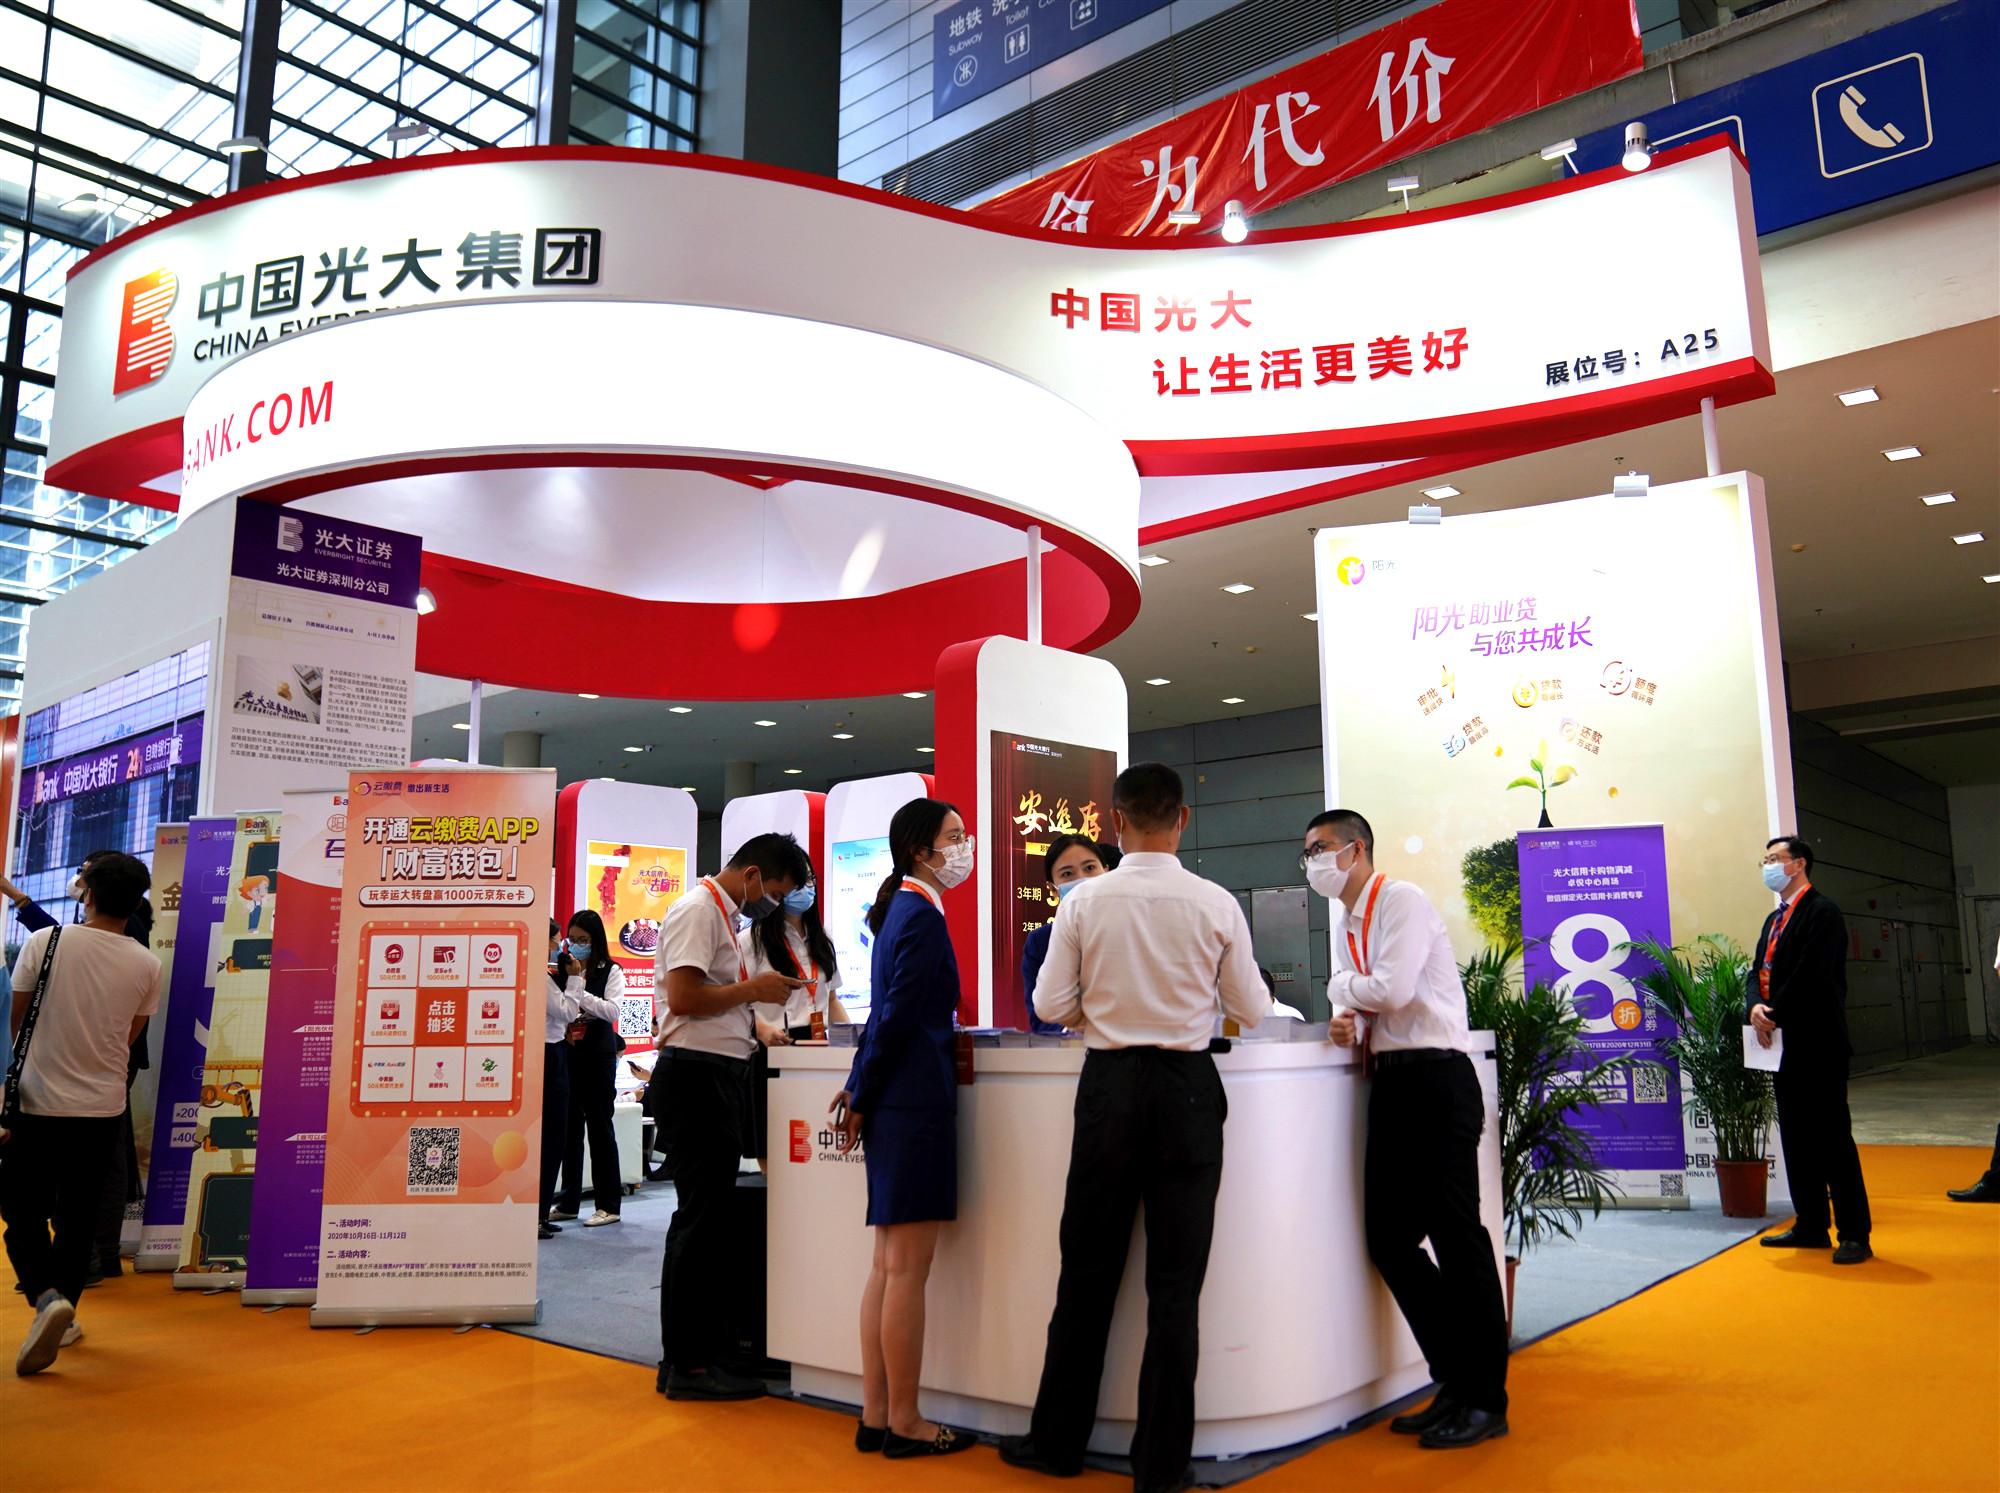 光大银行深圳分行私行业务取得新突破 客户总量达950户